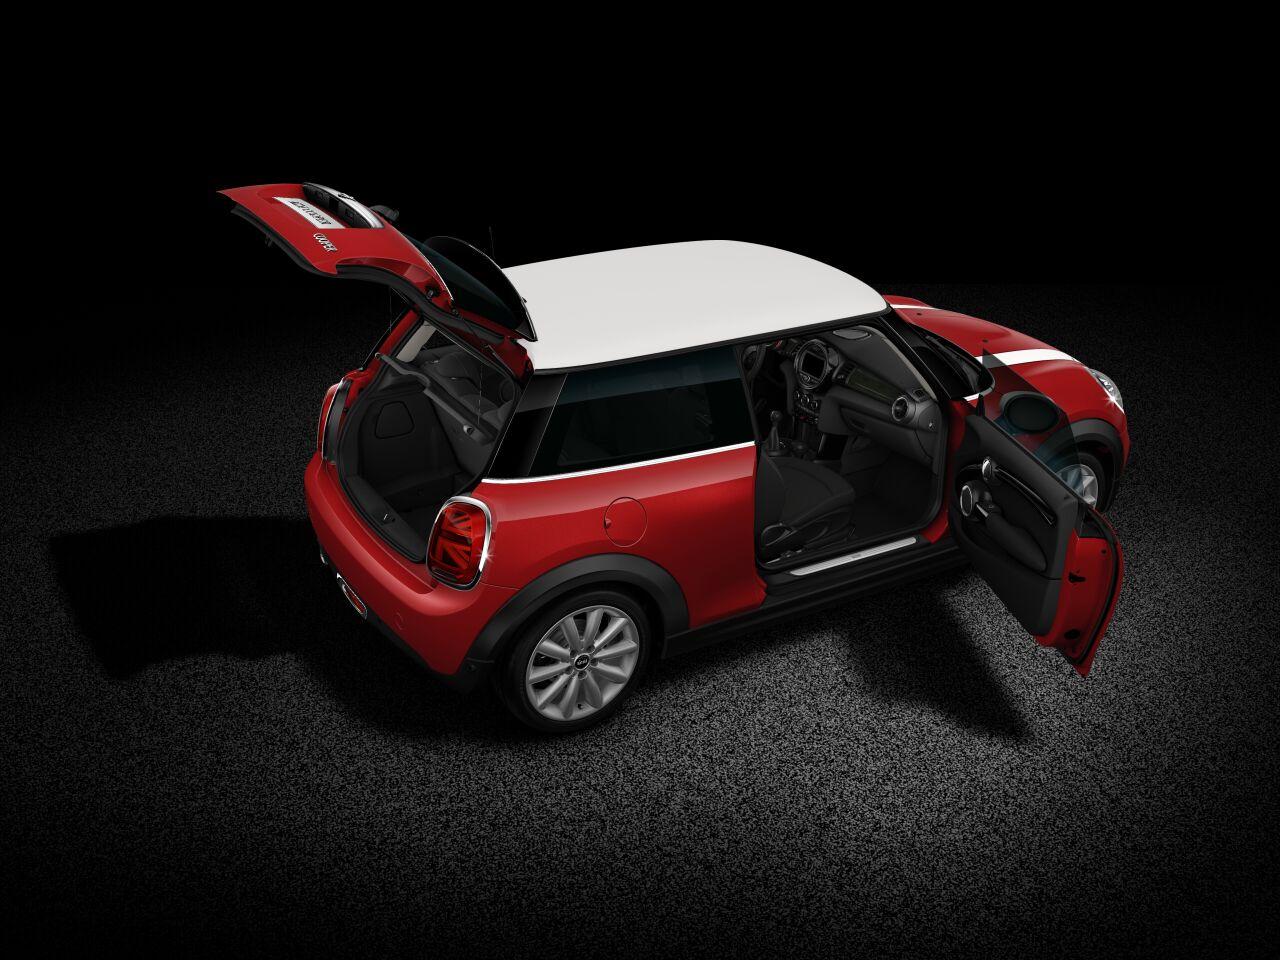 MINI Cooper 3 Door full open body profile